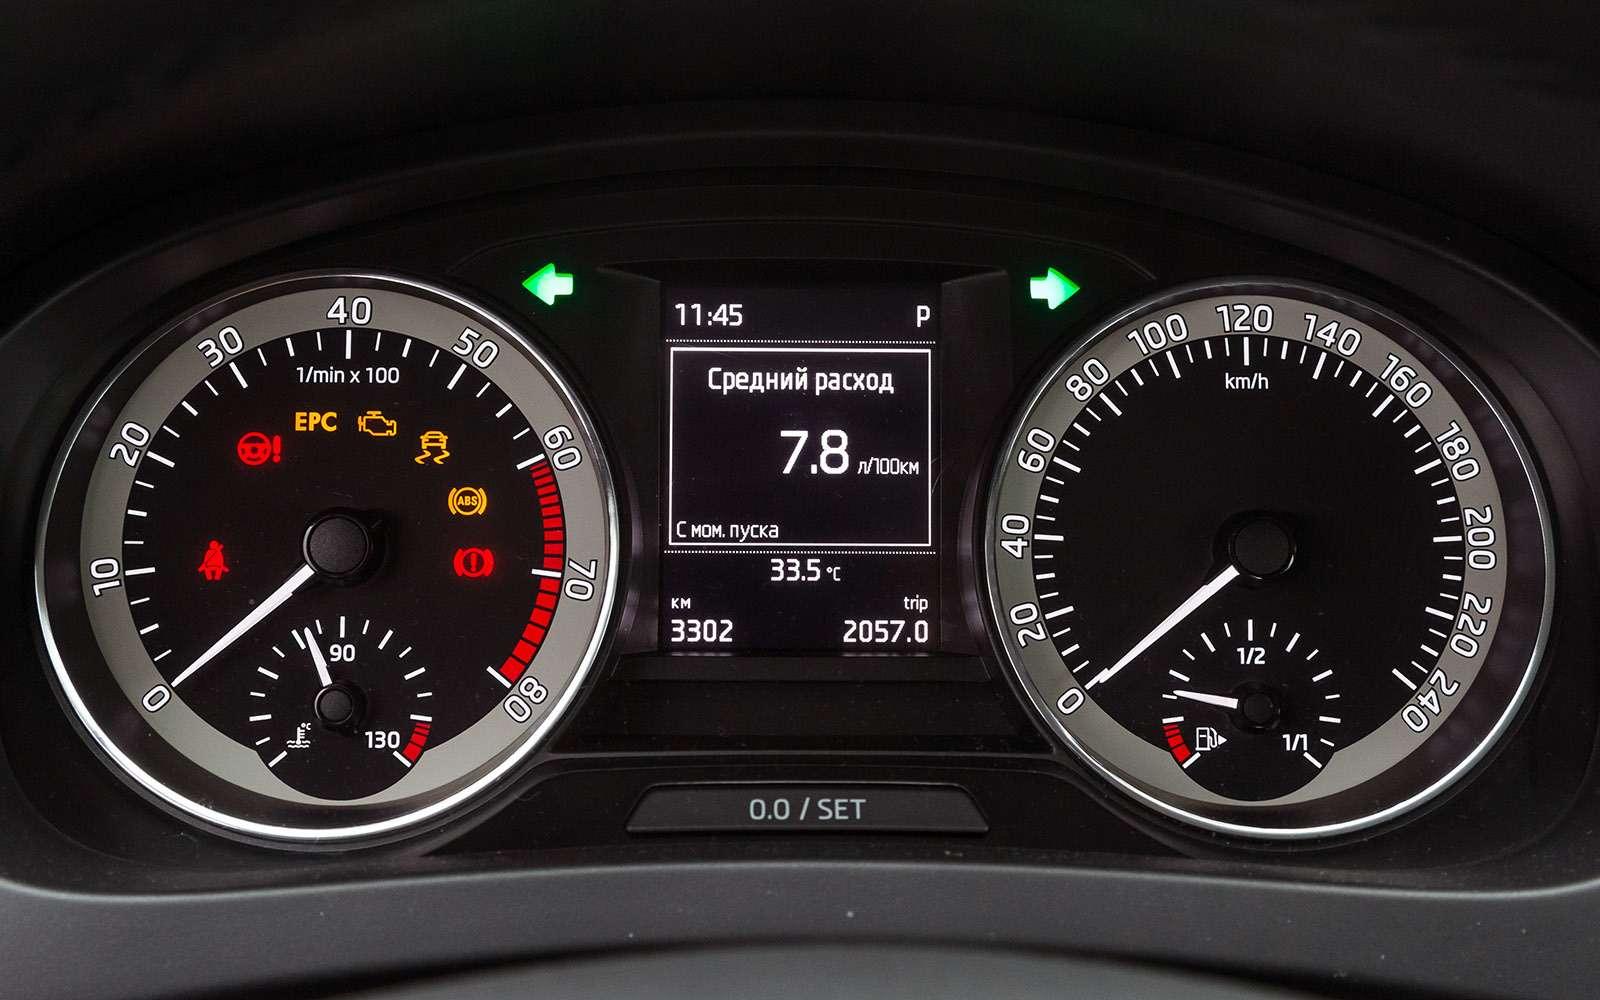 Средний расход топлива Skoda Rapid